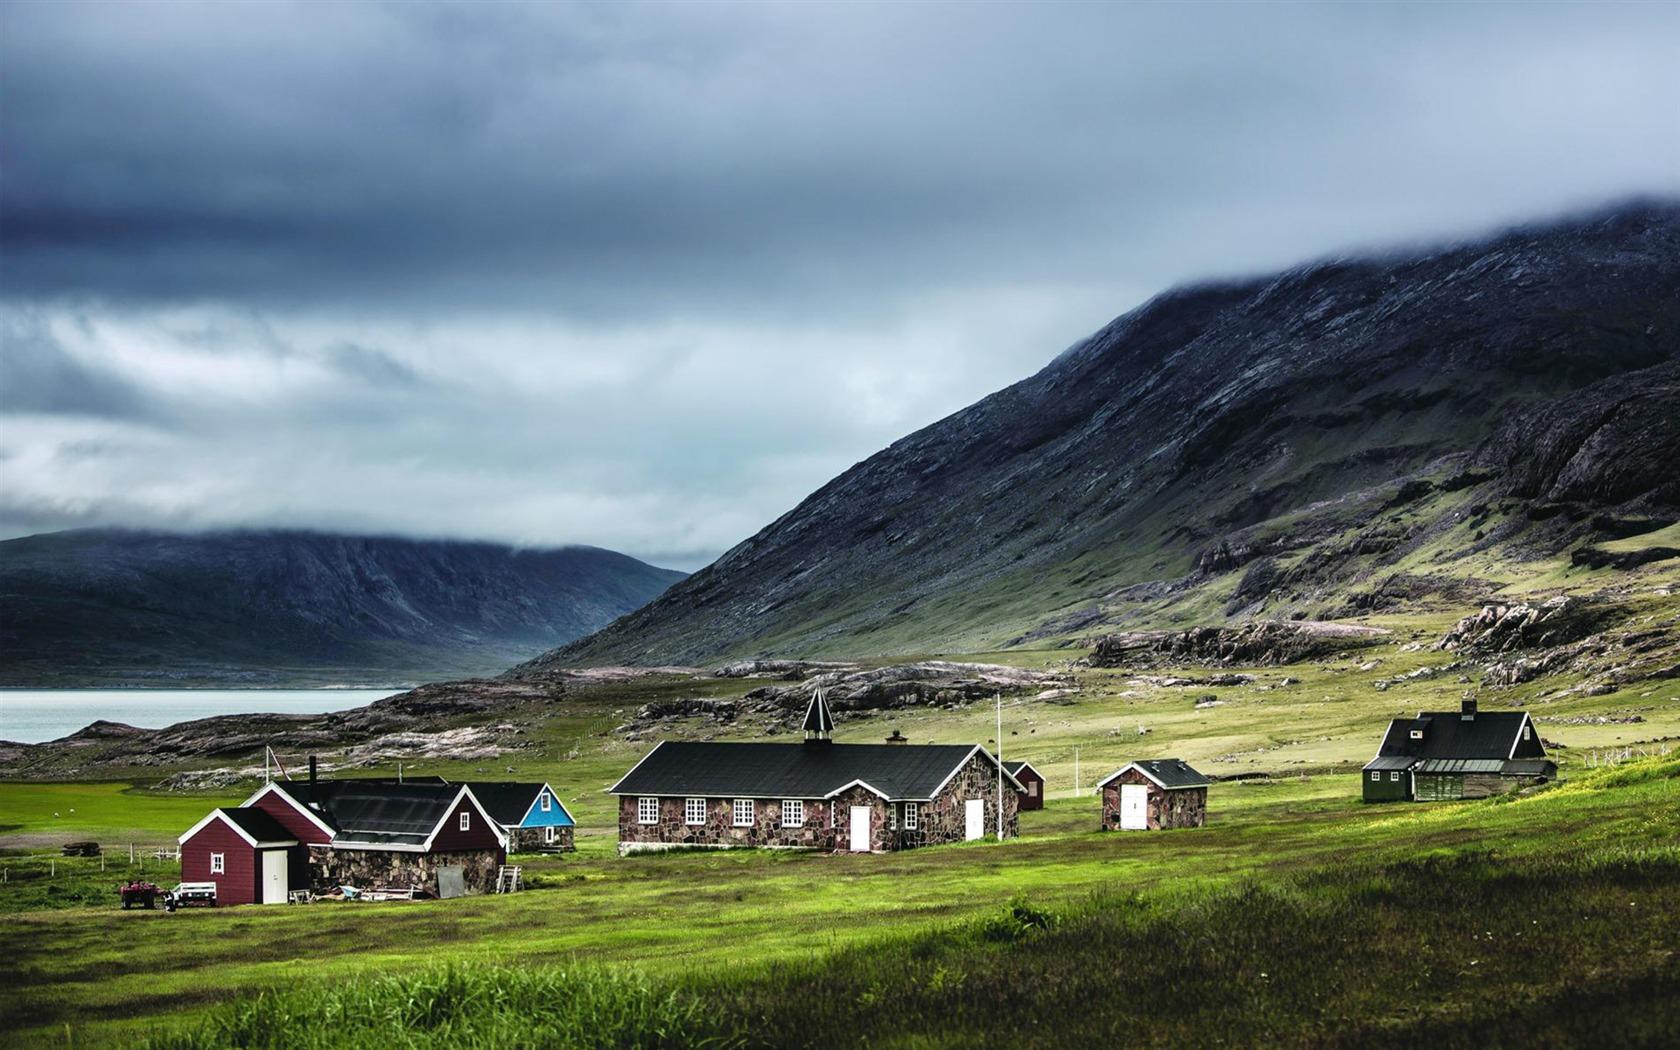 住宅kujataaグリーンランド ナショナルジオグラフィック壁紙プレビュー 10wallpaper Com